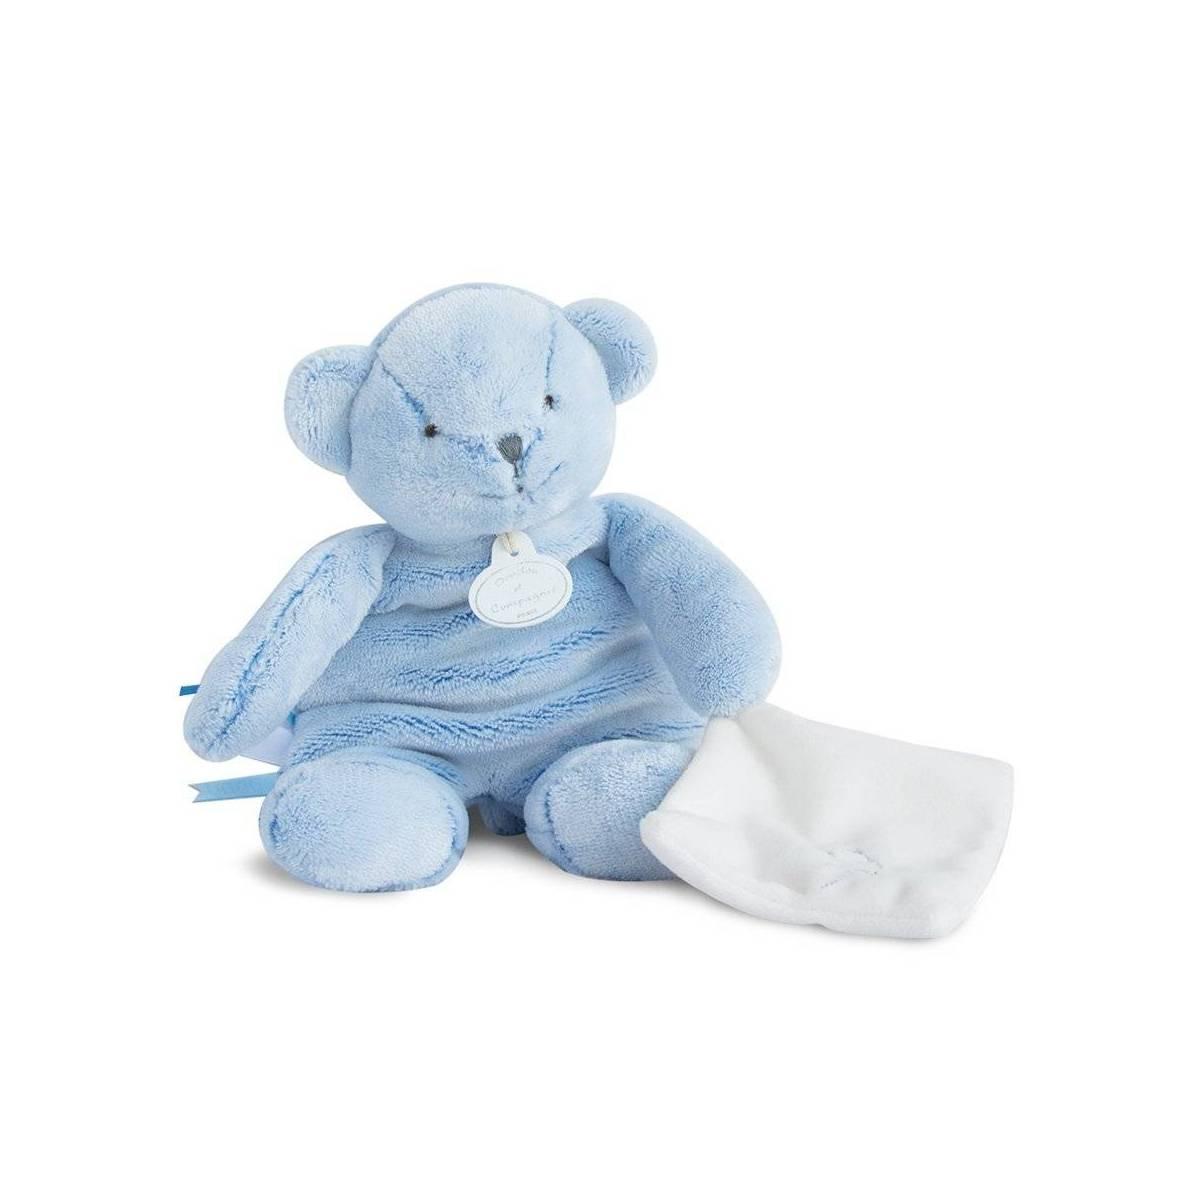 Doudou et Compagnie - J'Aime mon Doudou Pantin Ours Bleu avec Doudou - 25 cm